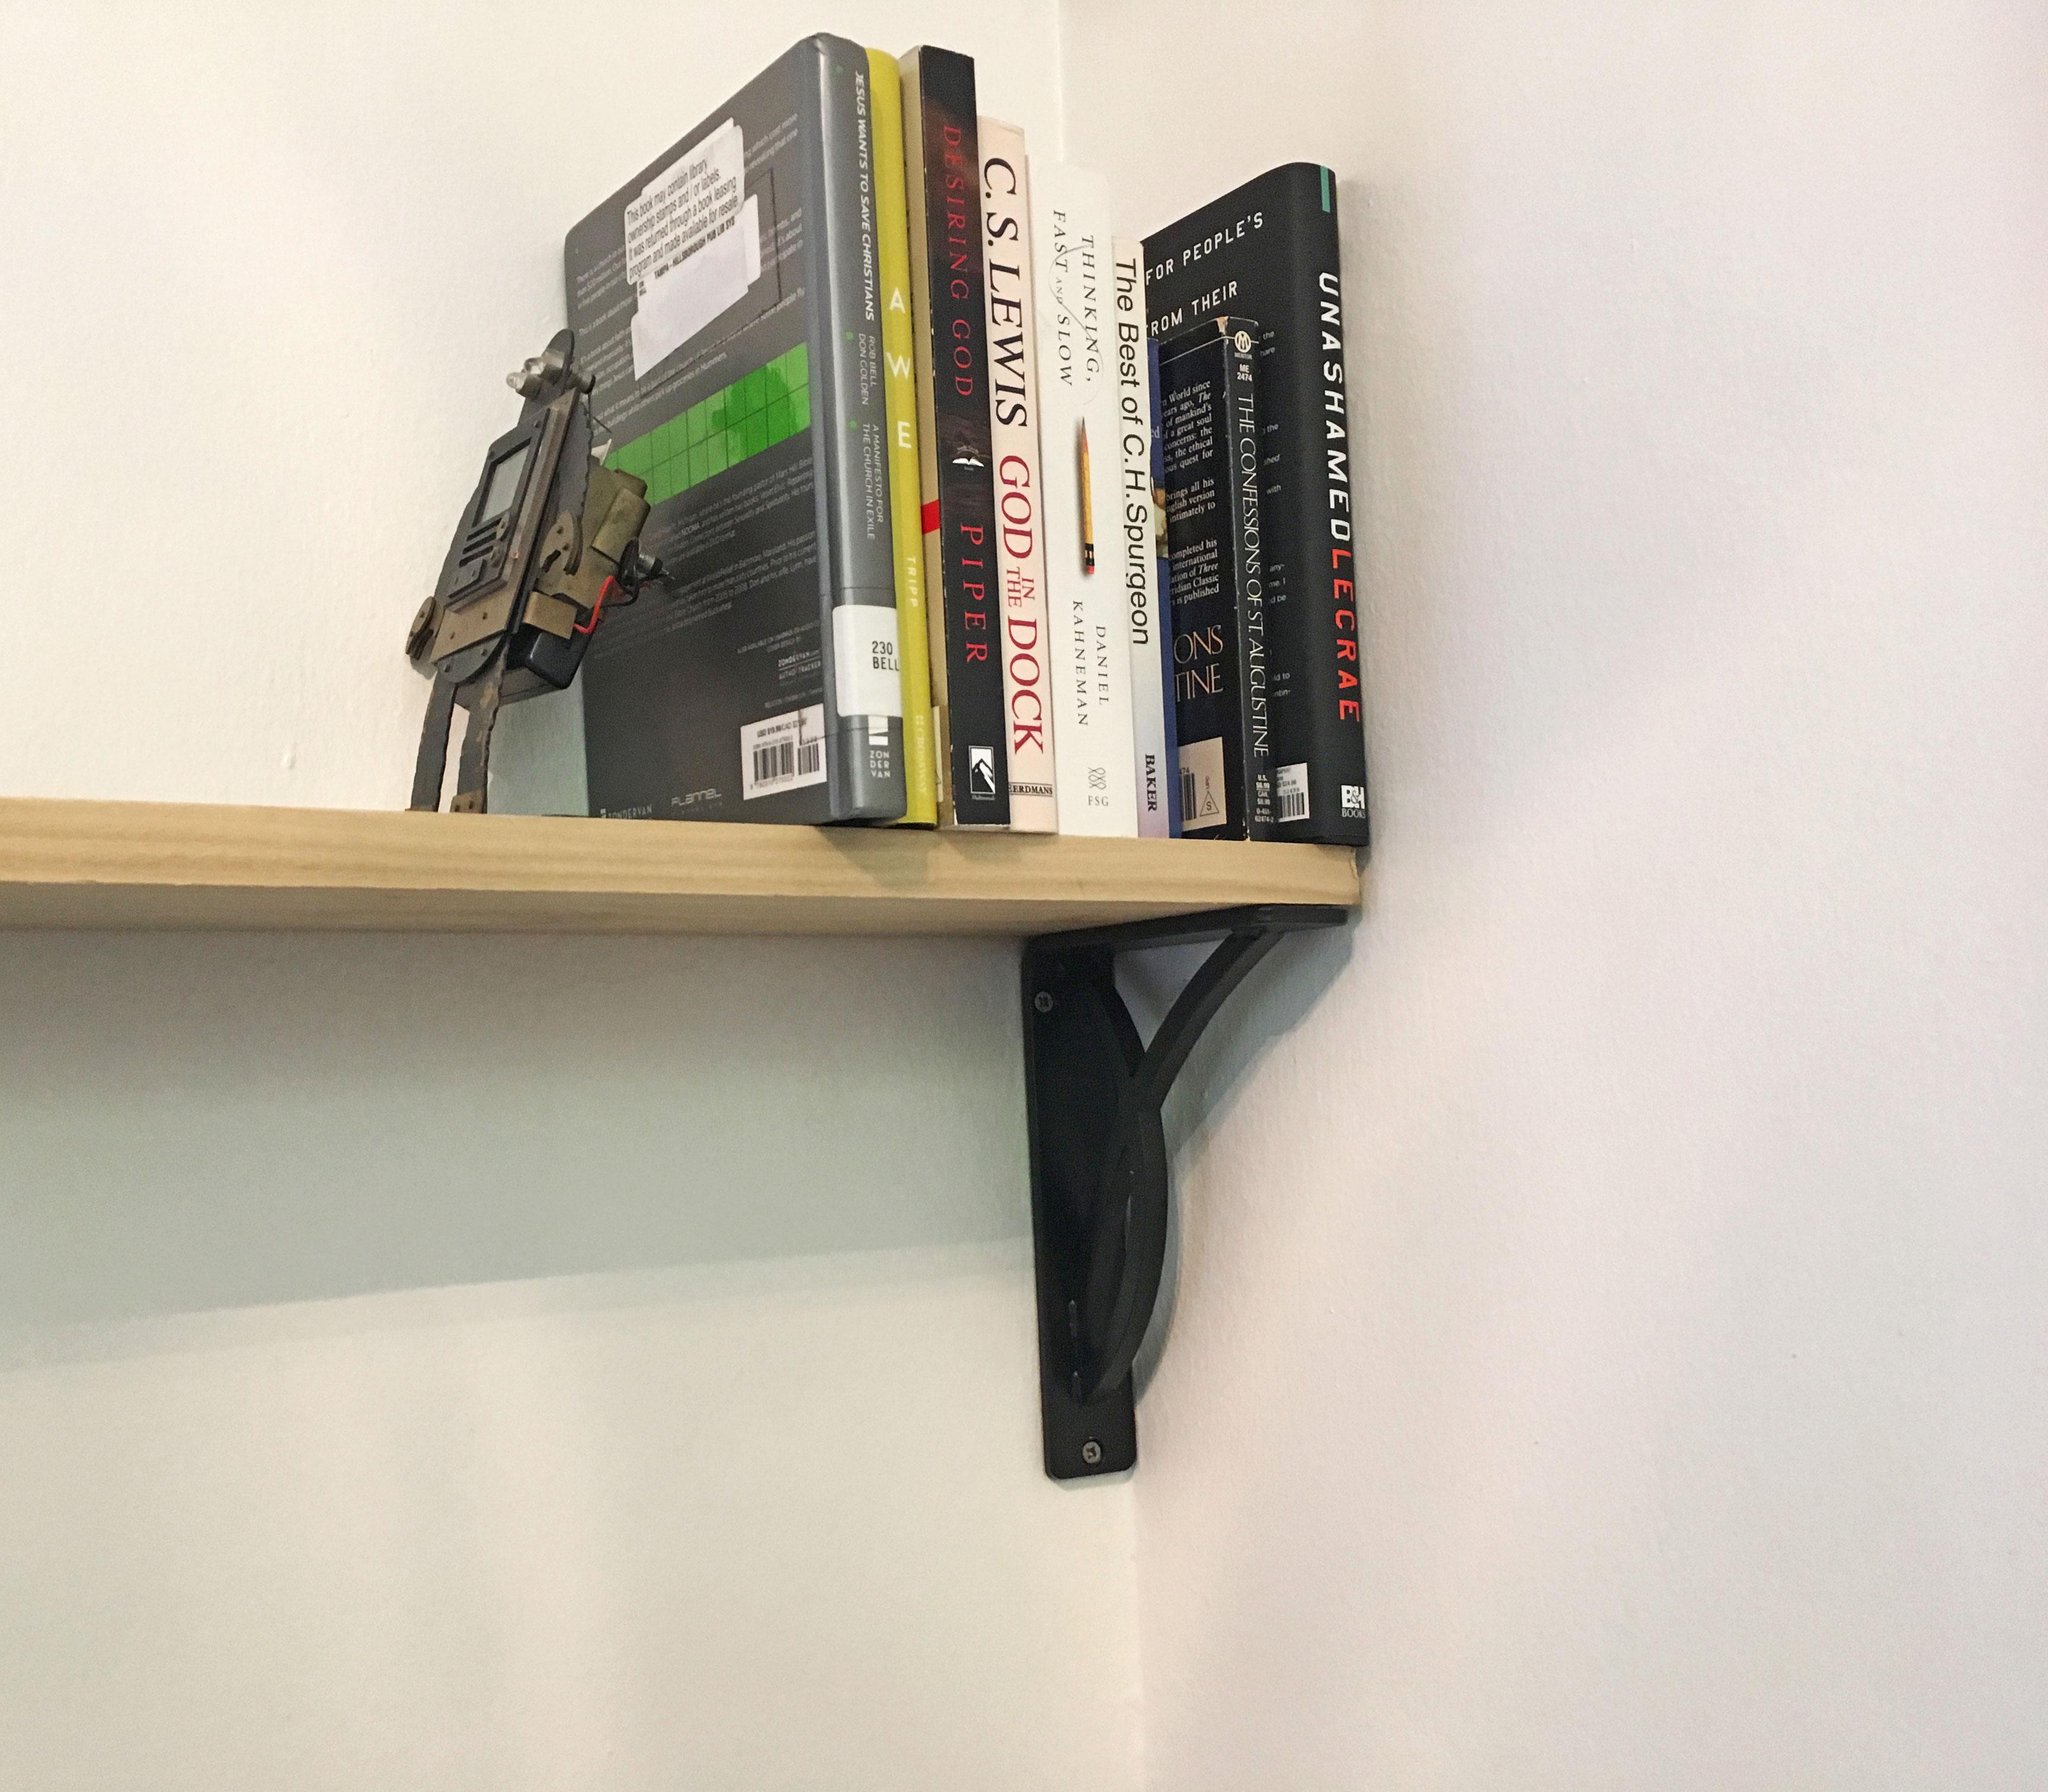 ekena millwork miller brackets for bookshelves Bookshelves Brackets for March Glass Shelf Brackets and Clamps